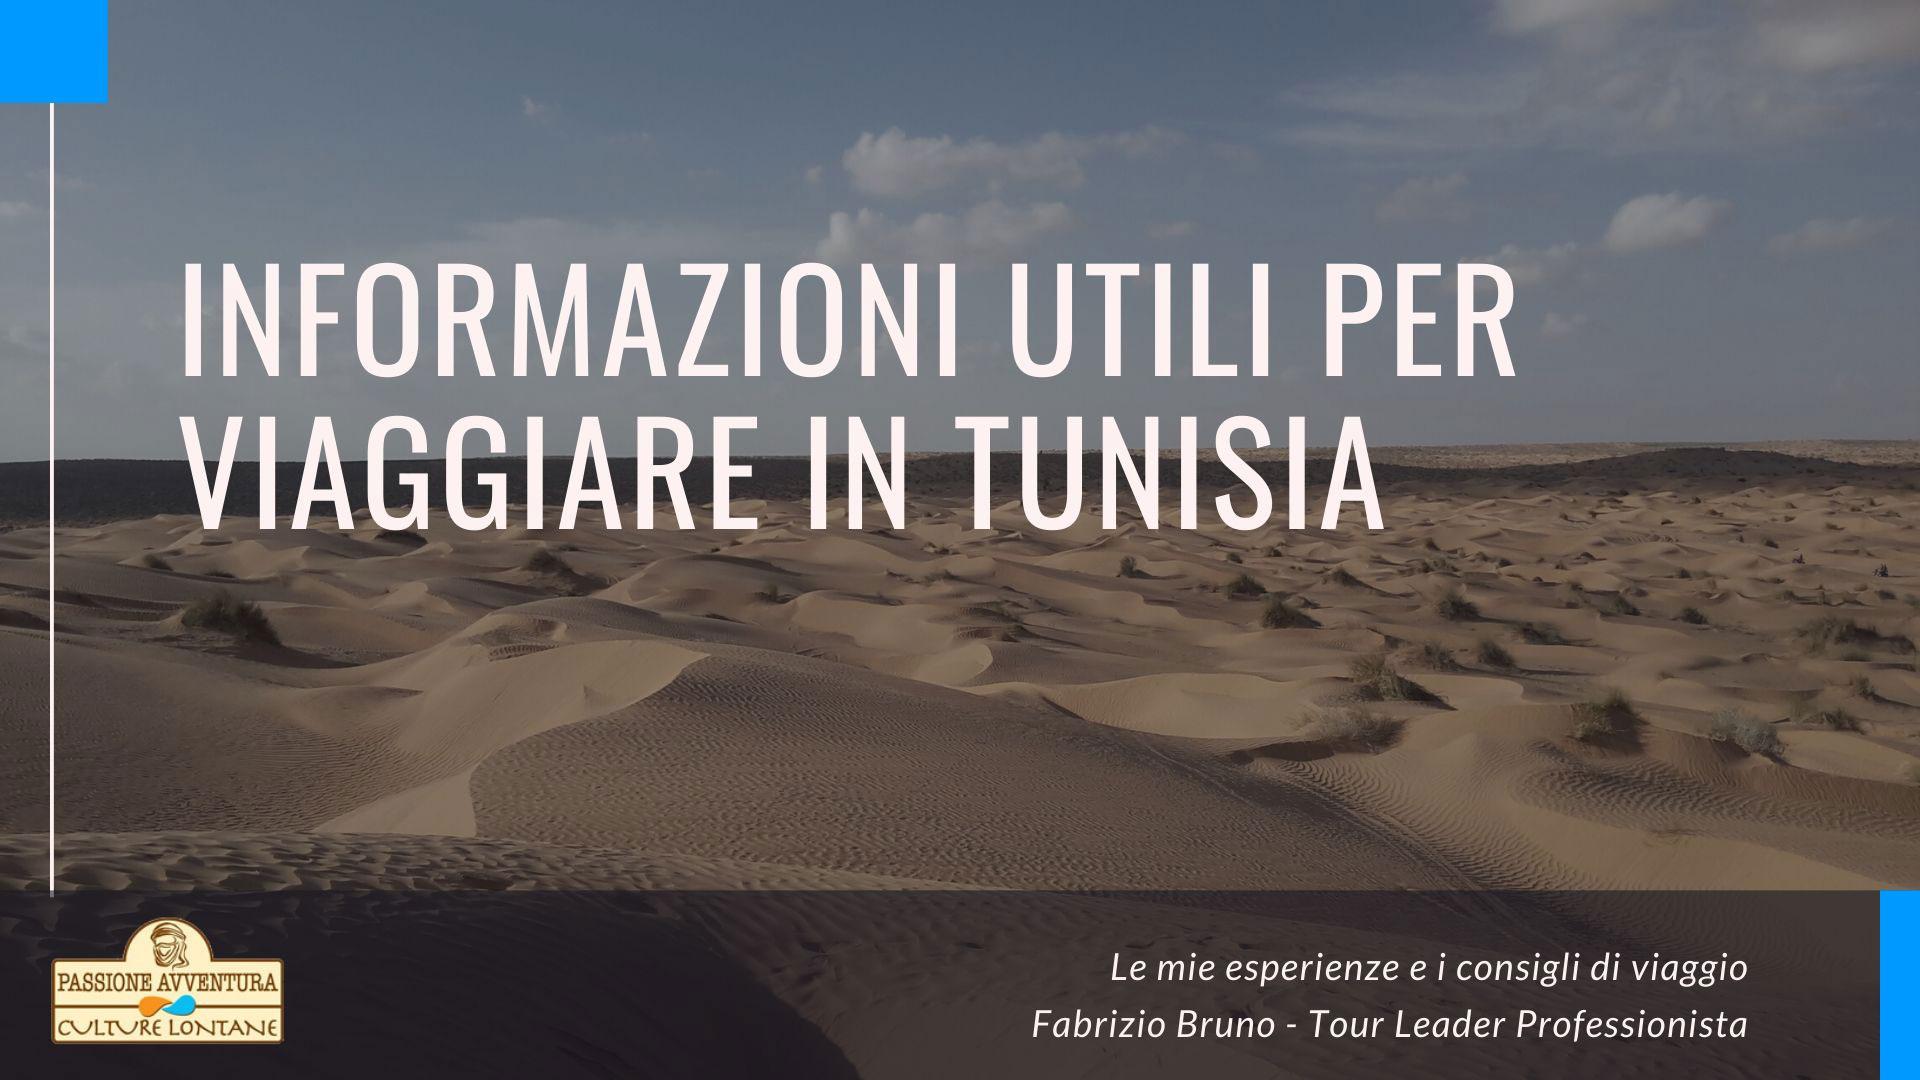 Informazioni utili per viaggiare in Tunisia